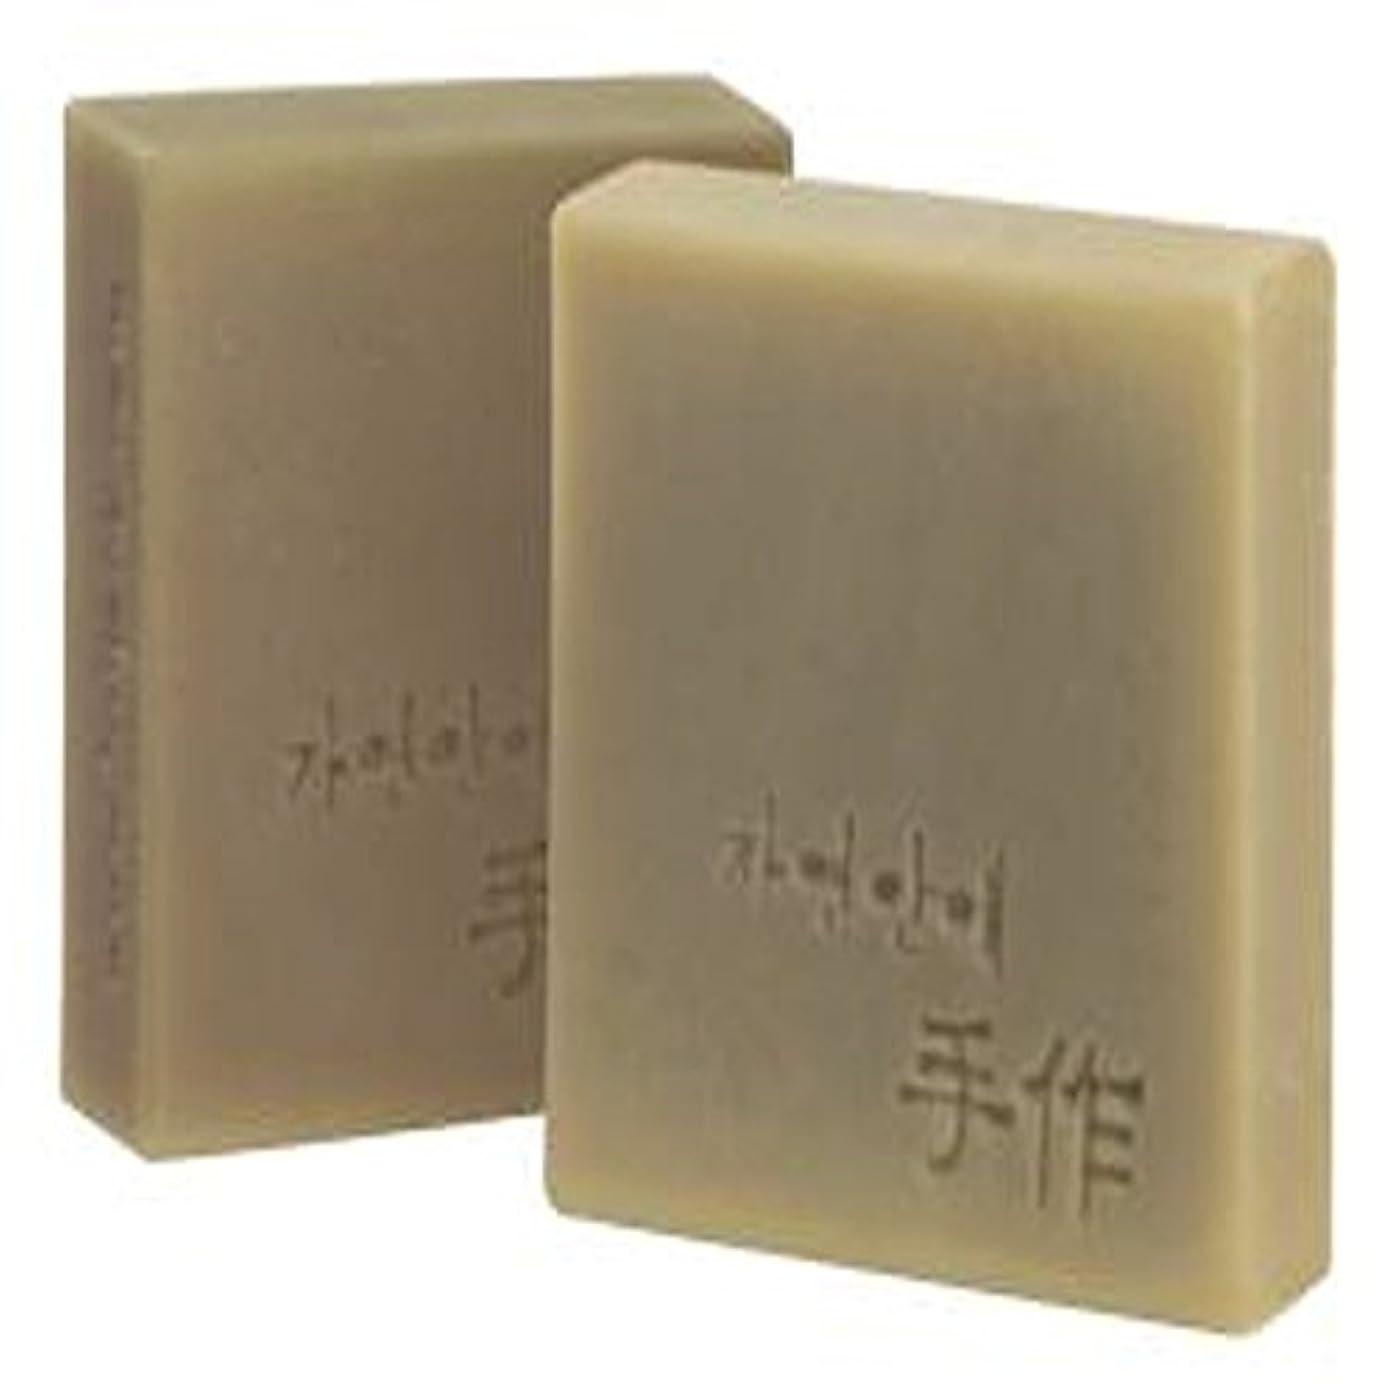 のみアブセイミケランジェロNatural organic 有機天然ソープ 固形 無添加 洗顔せっけんクレンジング 石鹸 [並行輸入品] (清州)